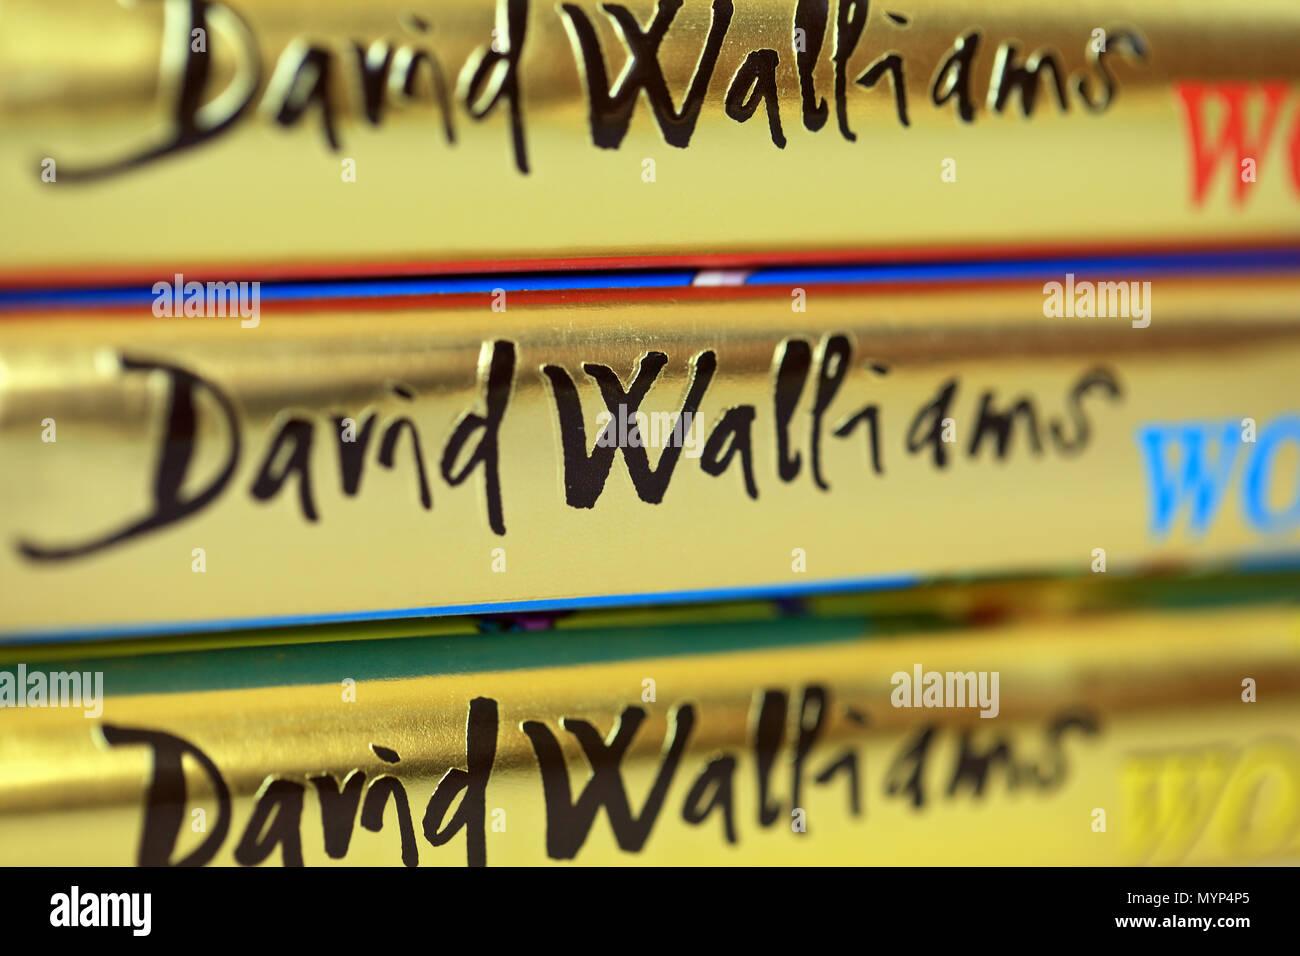 David Walliams nom sur le dos des livres. Banque D'Images